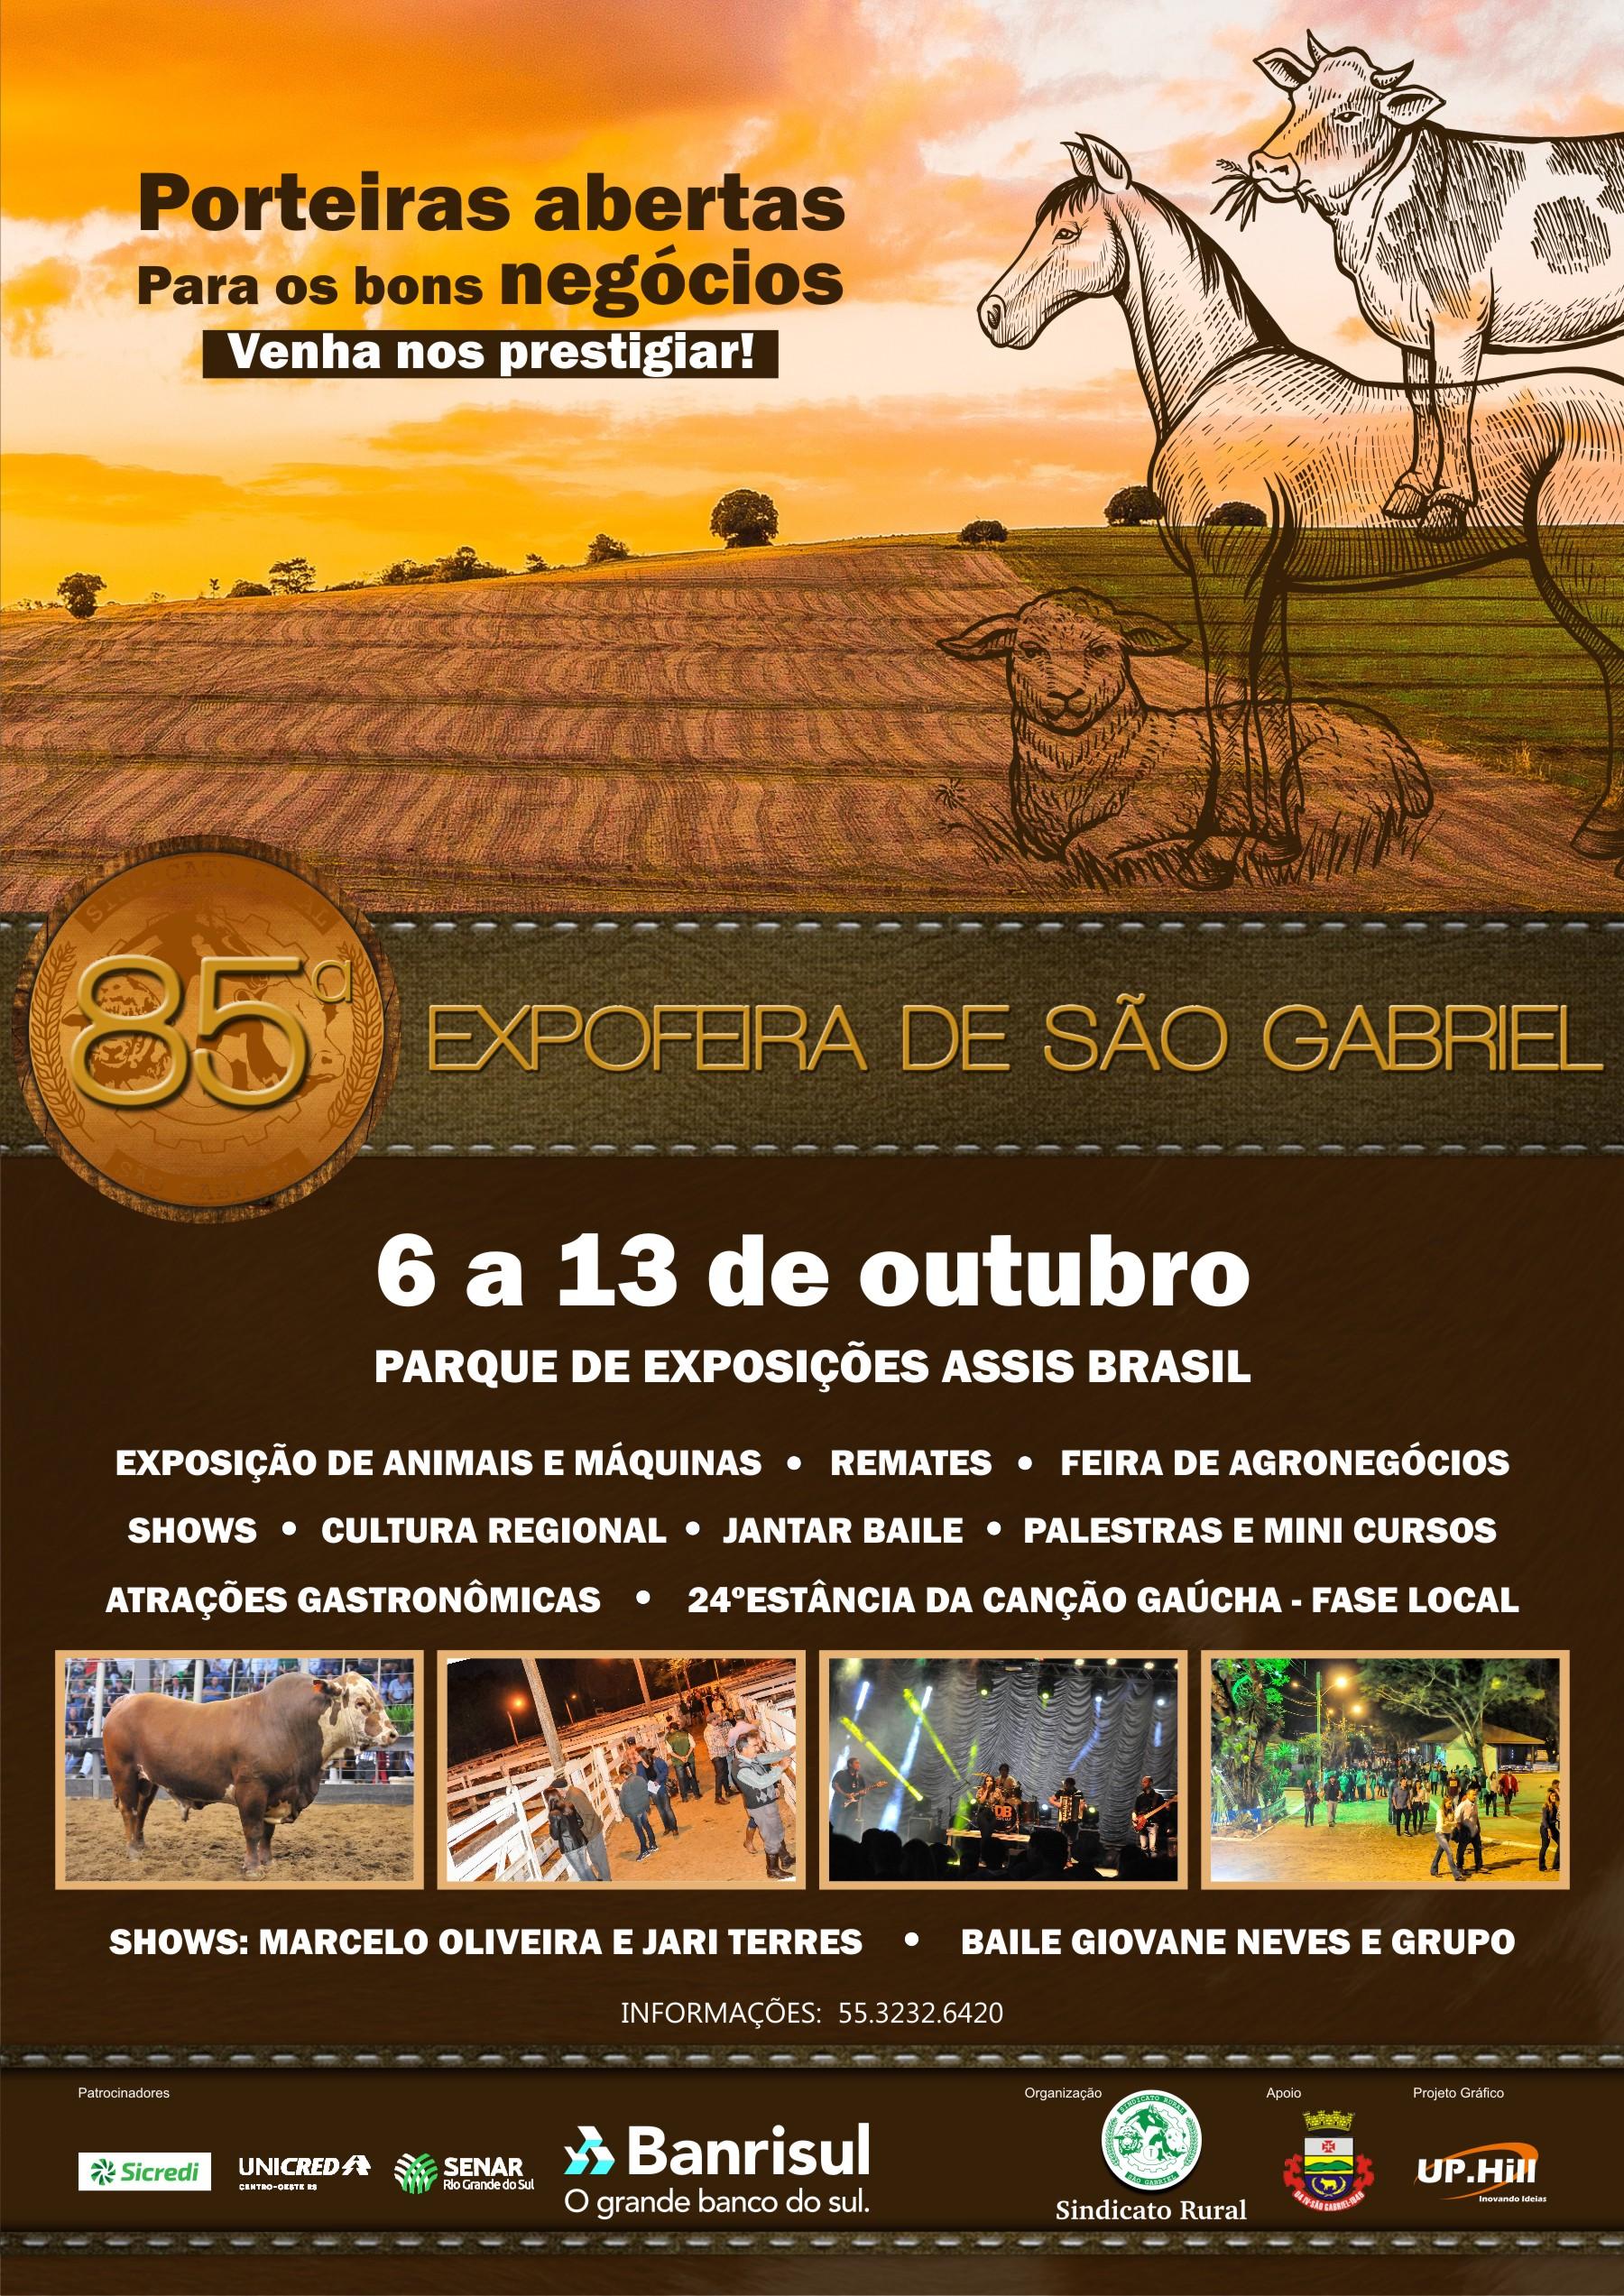 Prestigie a 85ª Expofeira de São Gabriel - de 6 a 13 de outubro